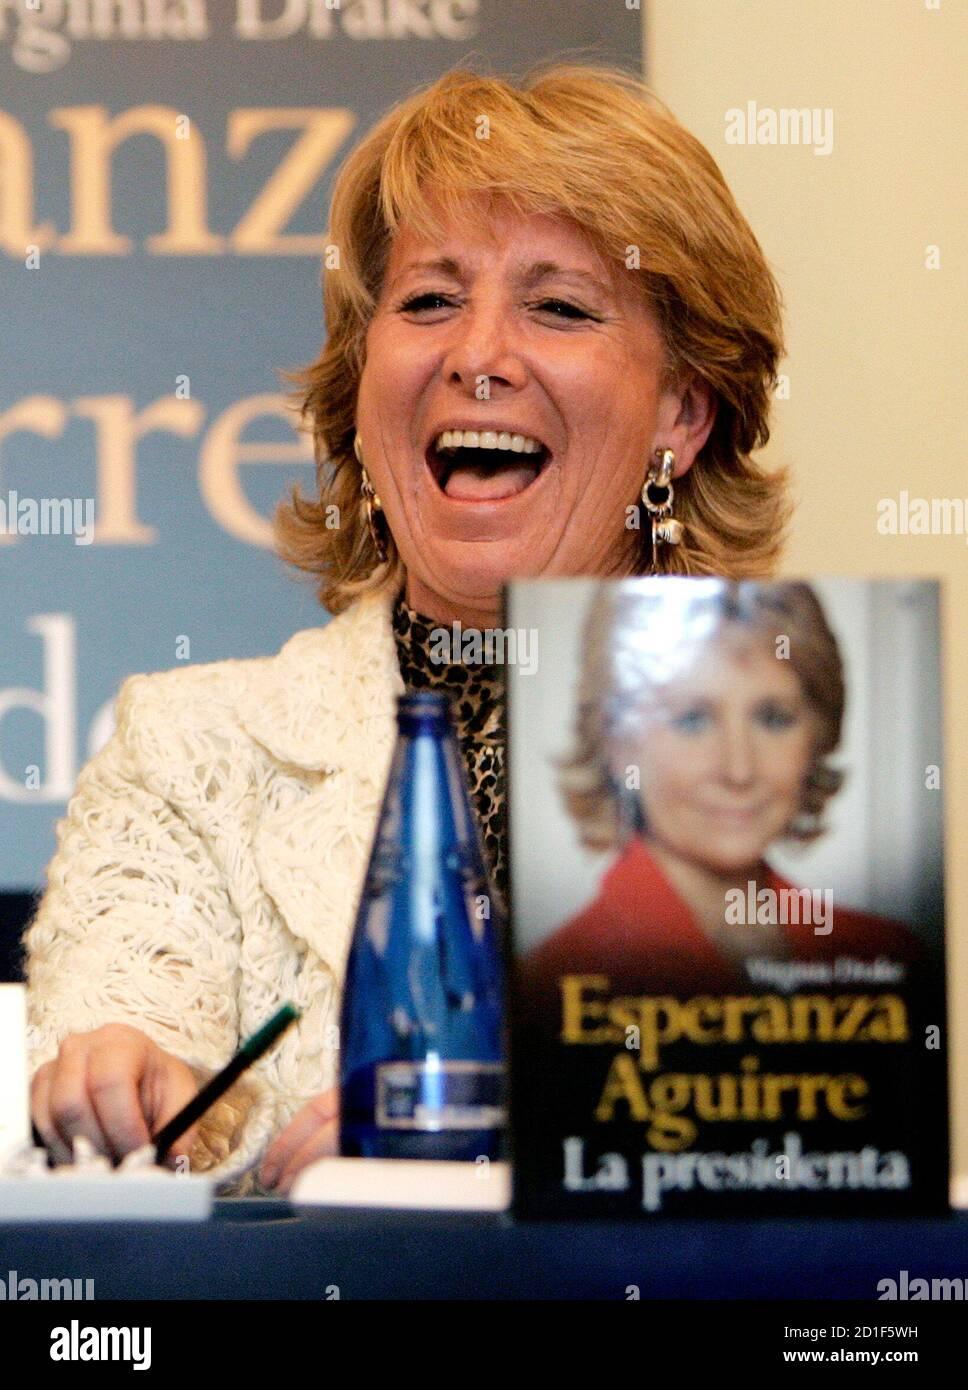 """Präsident der Madrider Regionalregierung Esperanza Aguirre lacht während der Präsentation ihrer Biographie """"Esperanza Aguirre La Presidenta"""" in Madrid 28. November 2006.  REUTERS/Andrea Comas (Spanien) Stockfoto"""